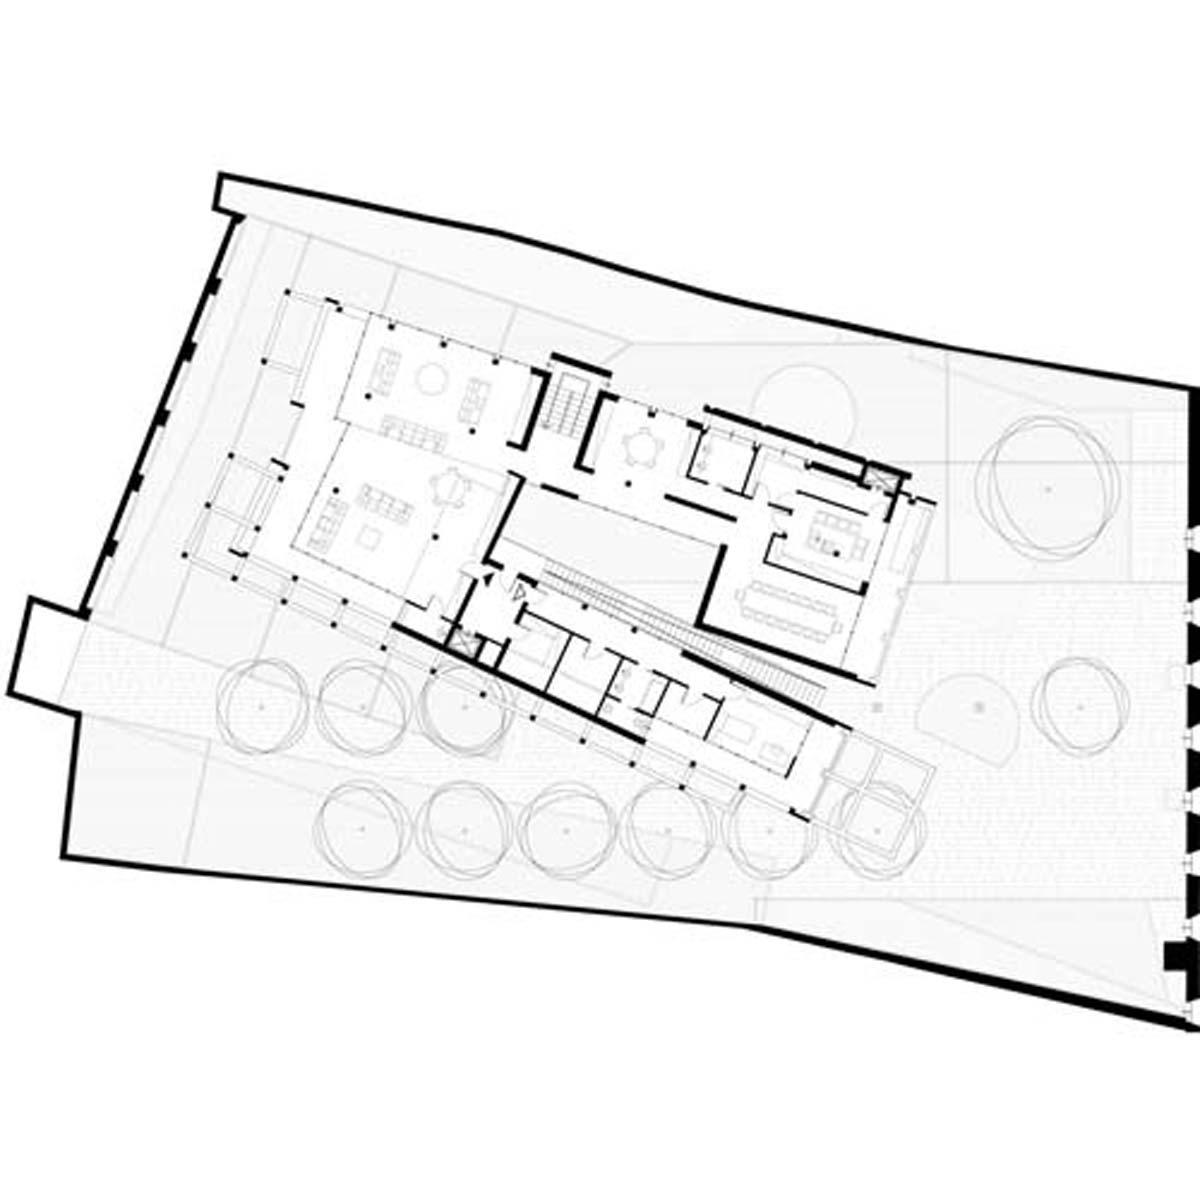 Degli-Esposti-Architetti_Brescia-Caserma-Gnutti_02_2